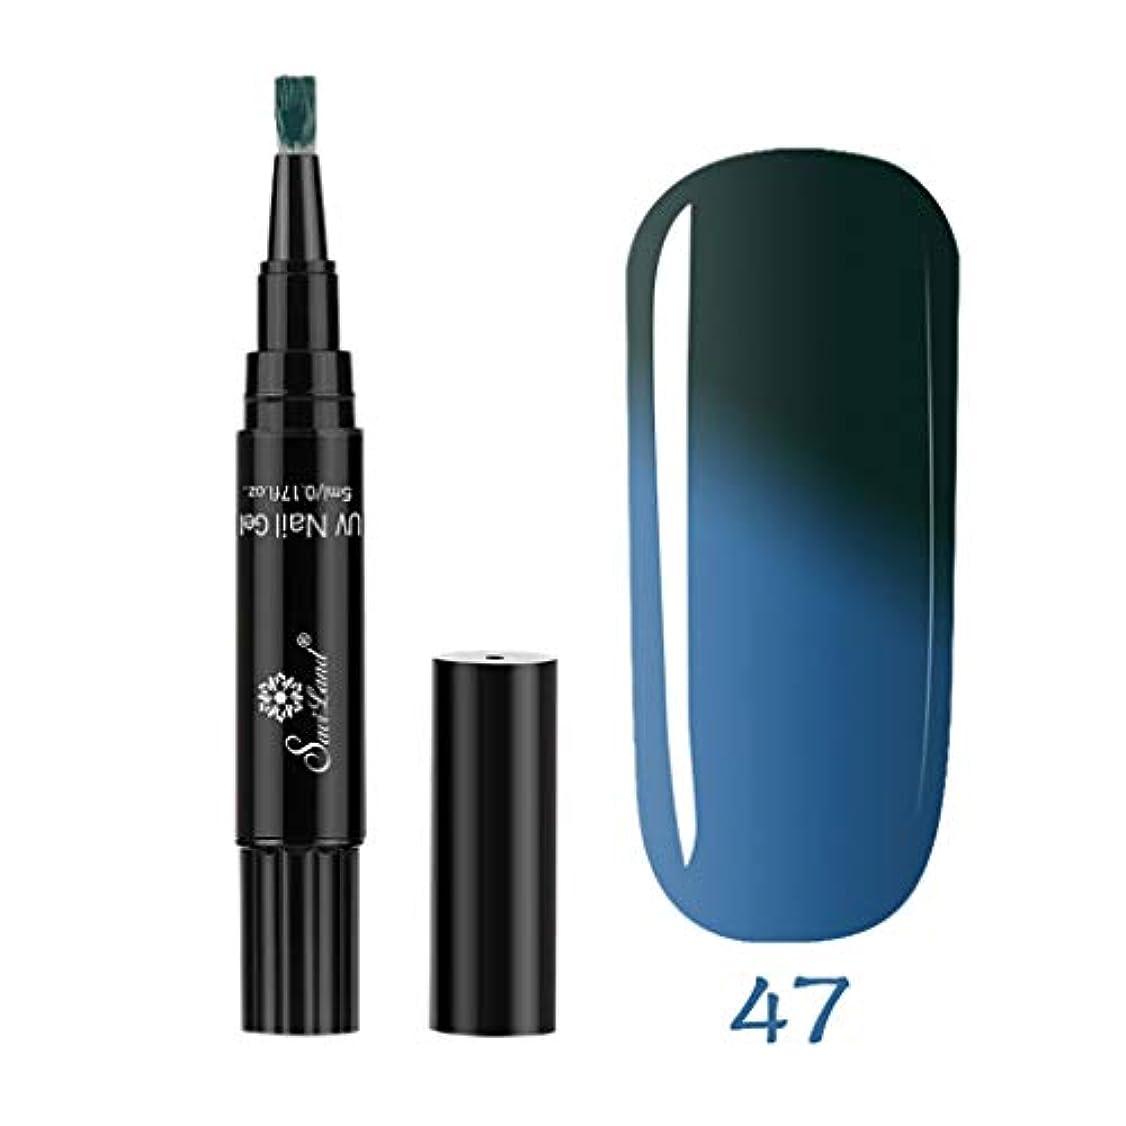 冗長電子レンジ送料1ステップネイルジェルペンに1 Pc 3 UV温度変更ジェルを使用するには1ステップネイル (H)